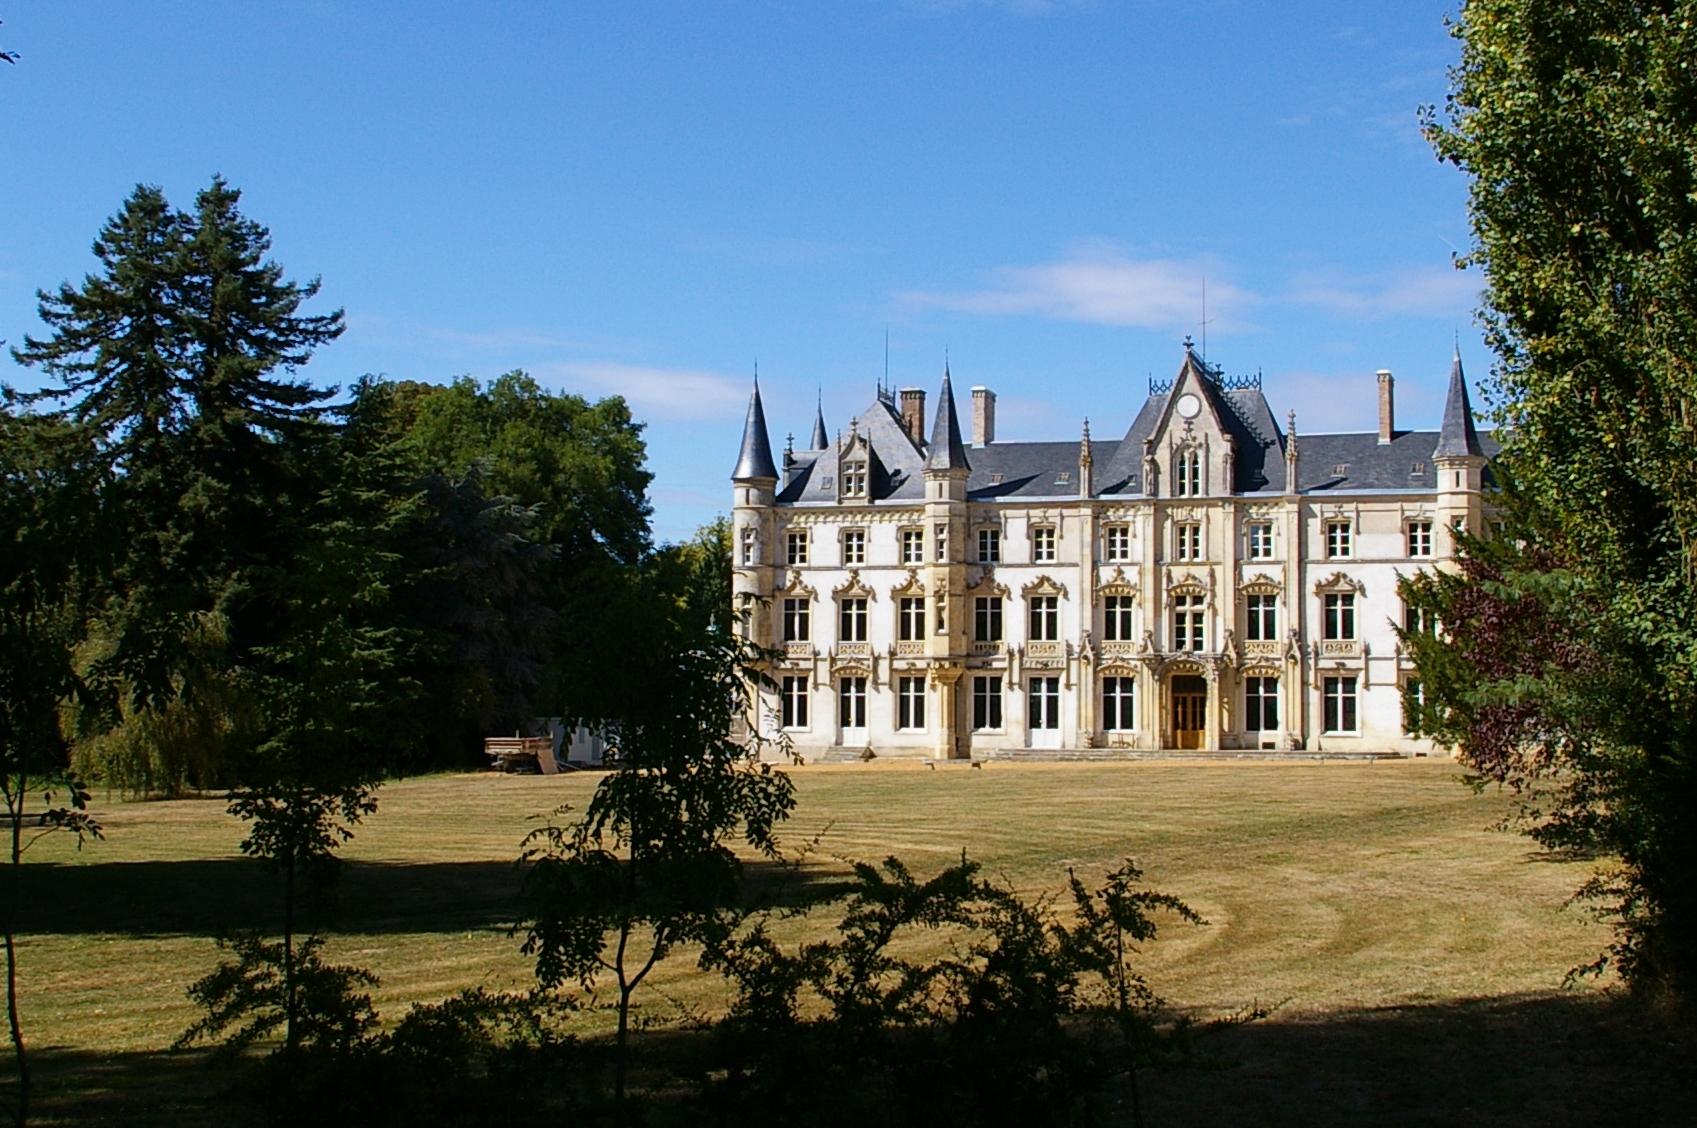 Château de Charbonnières (Eure-et-Loire) - Wikipedia